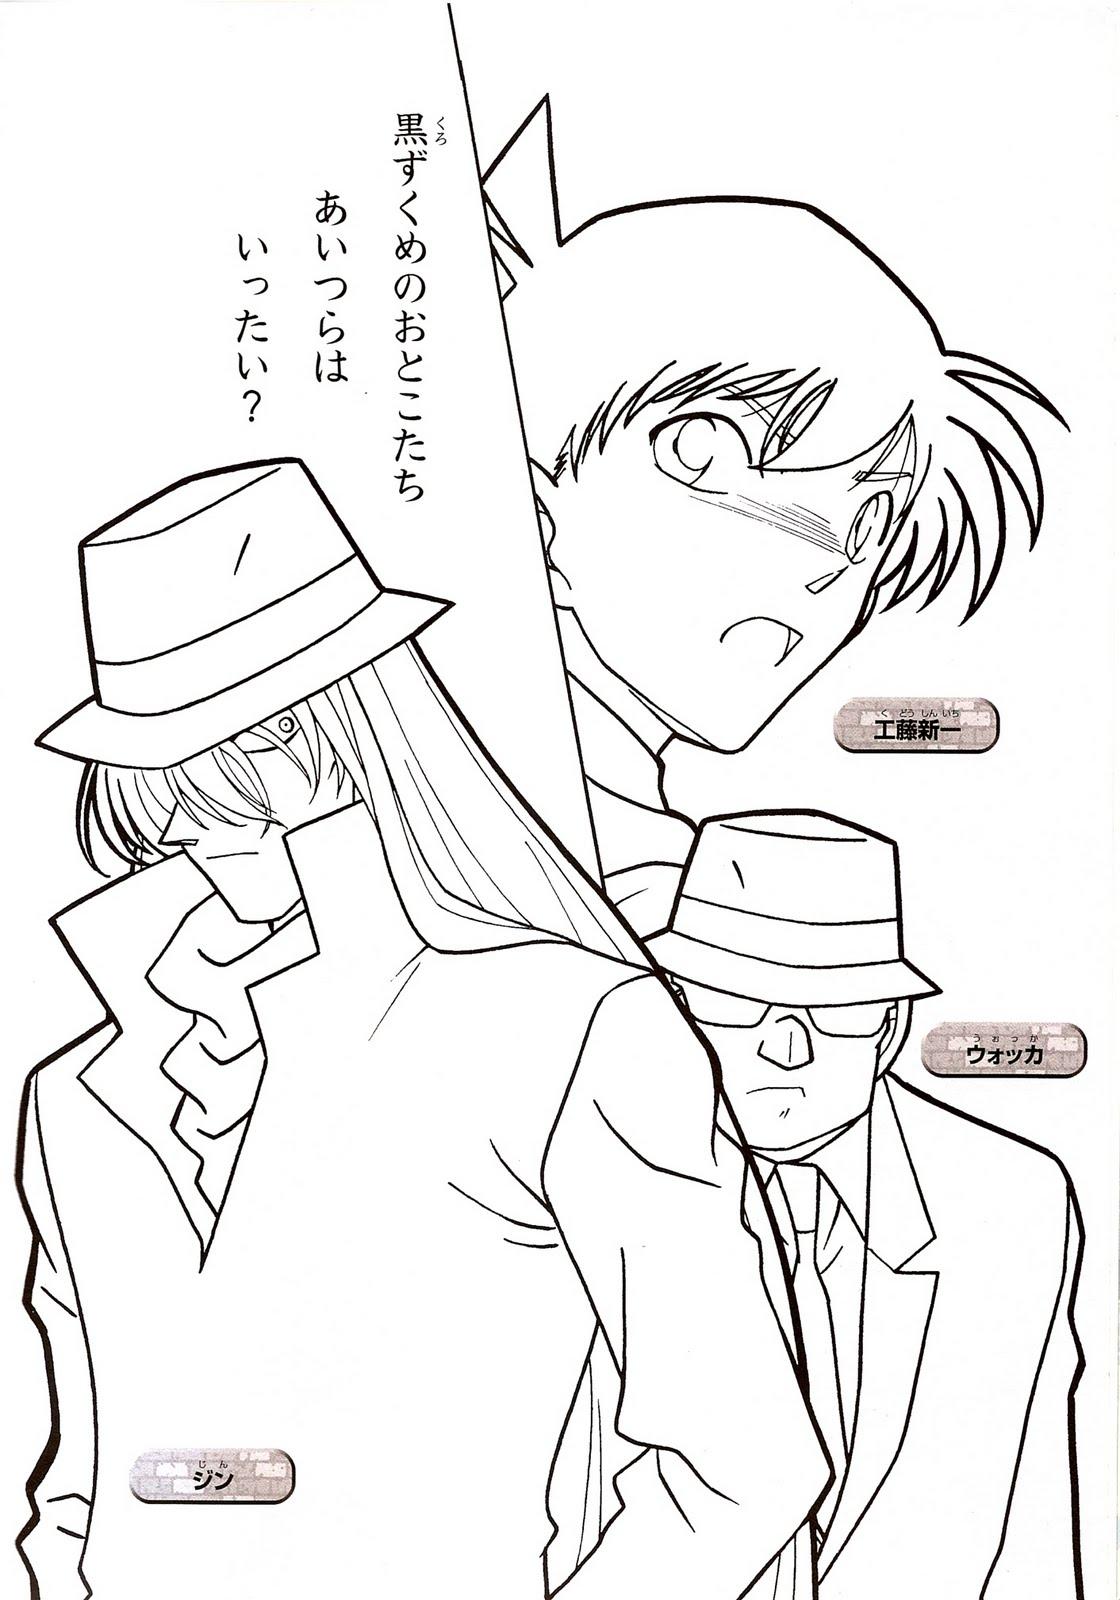 Disegni da colorare detective conan